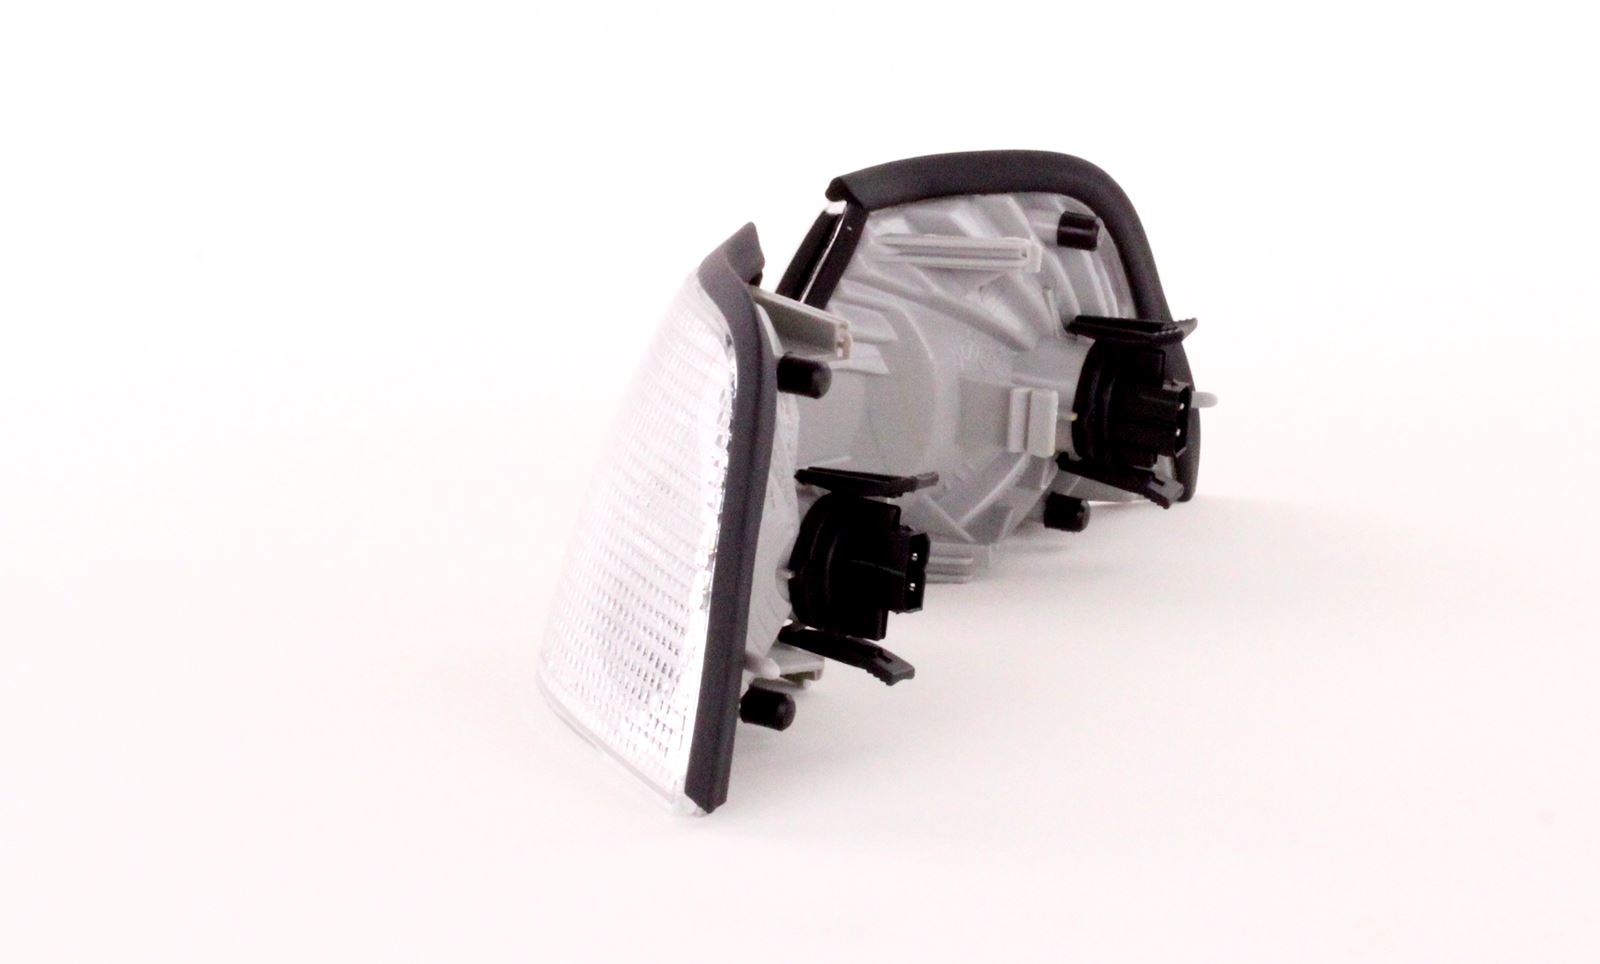 Draper M12 XZN Spline Insert Screwdriver for Mechanics Bit Set 10mm Hex x 75mm